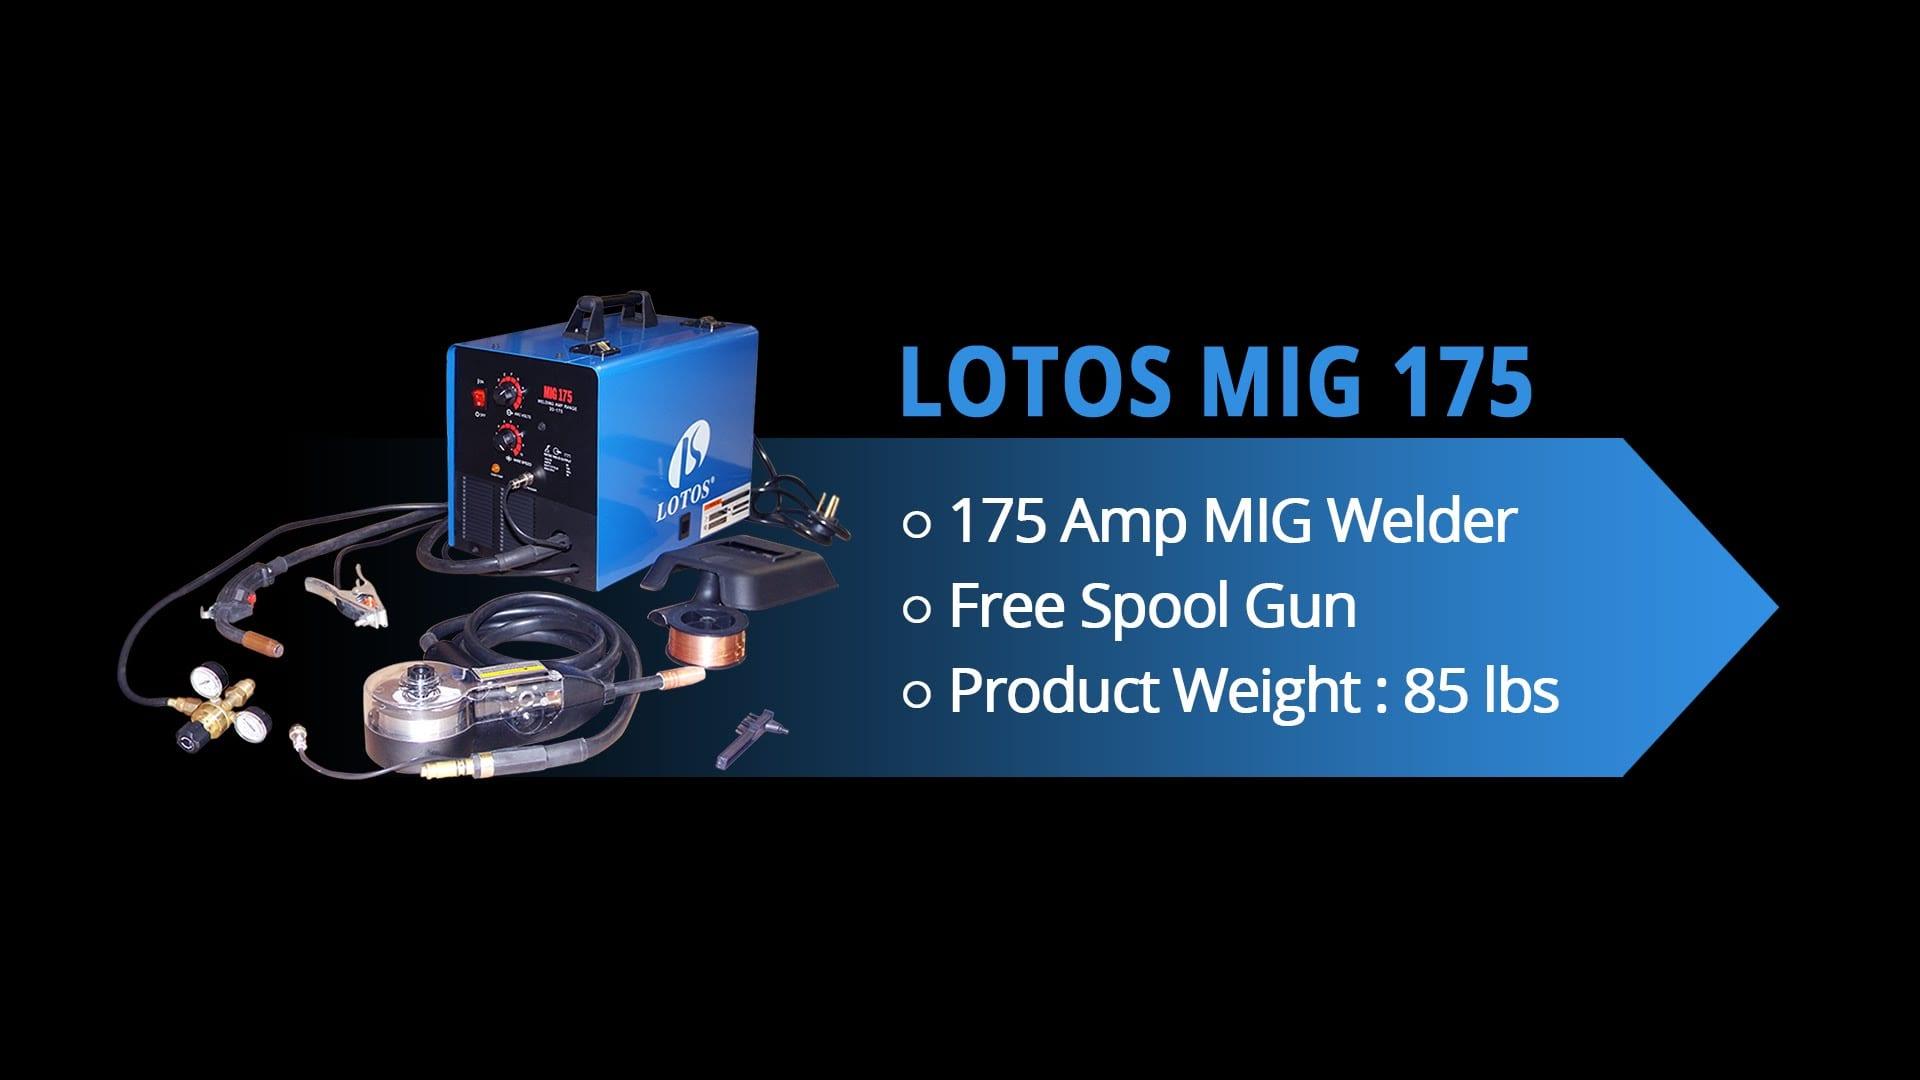 Lotos Mig 175 175 amp MIG Welder reviews 1